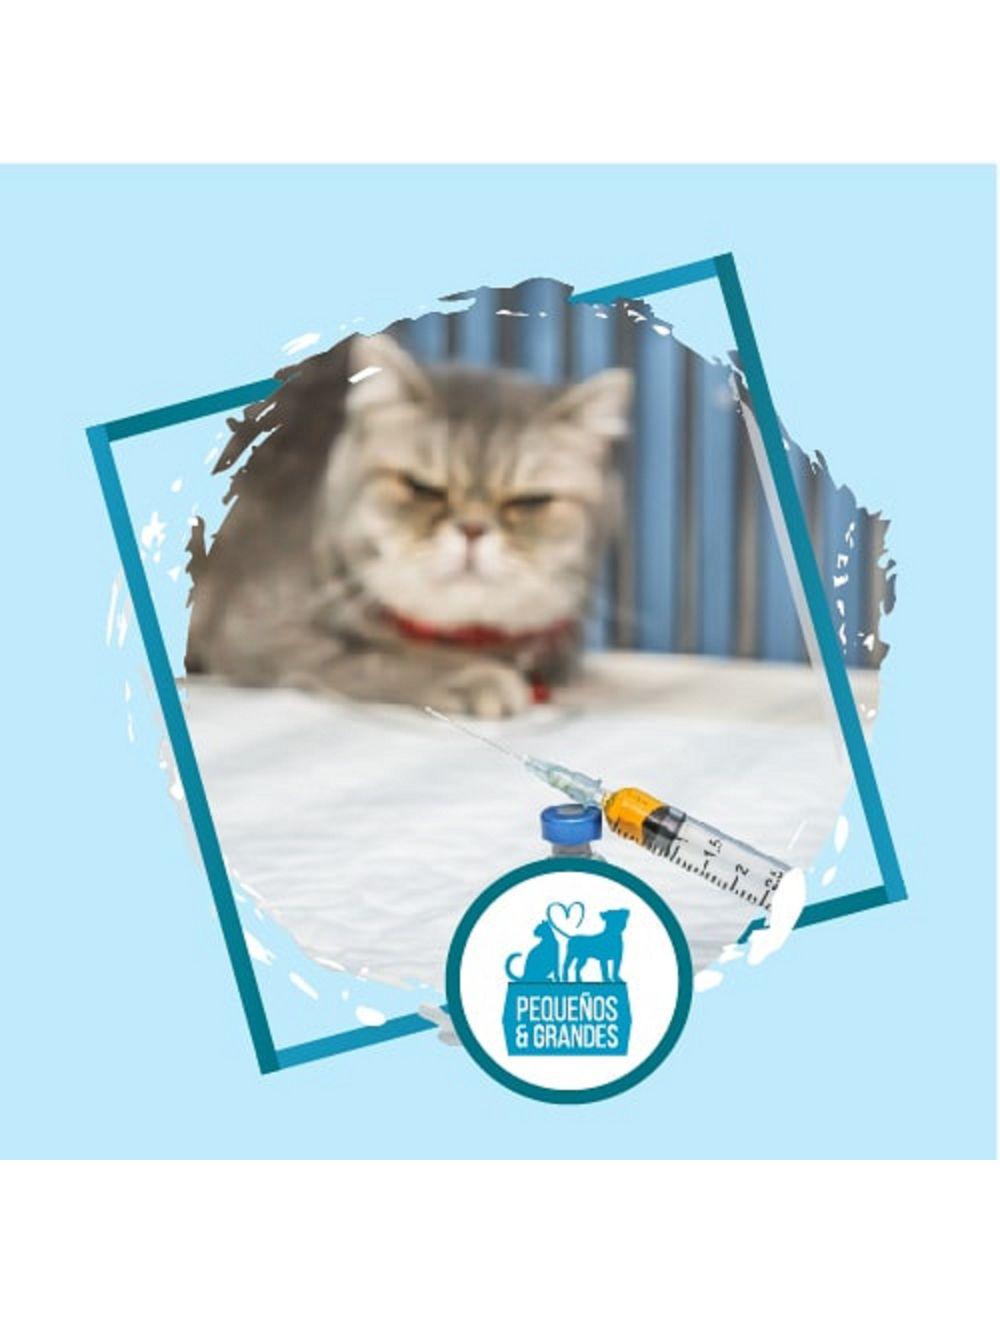 Vacunación a domicilio Gato - Antirábica y leucémica